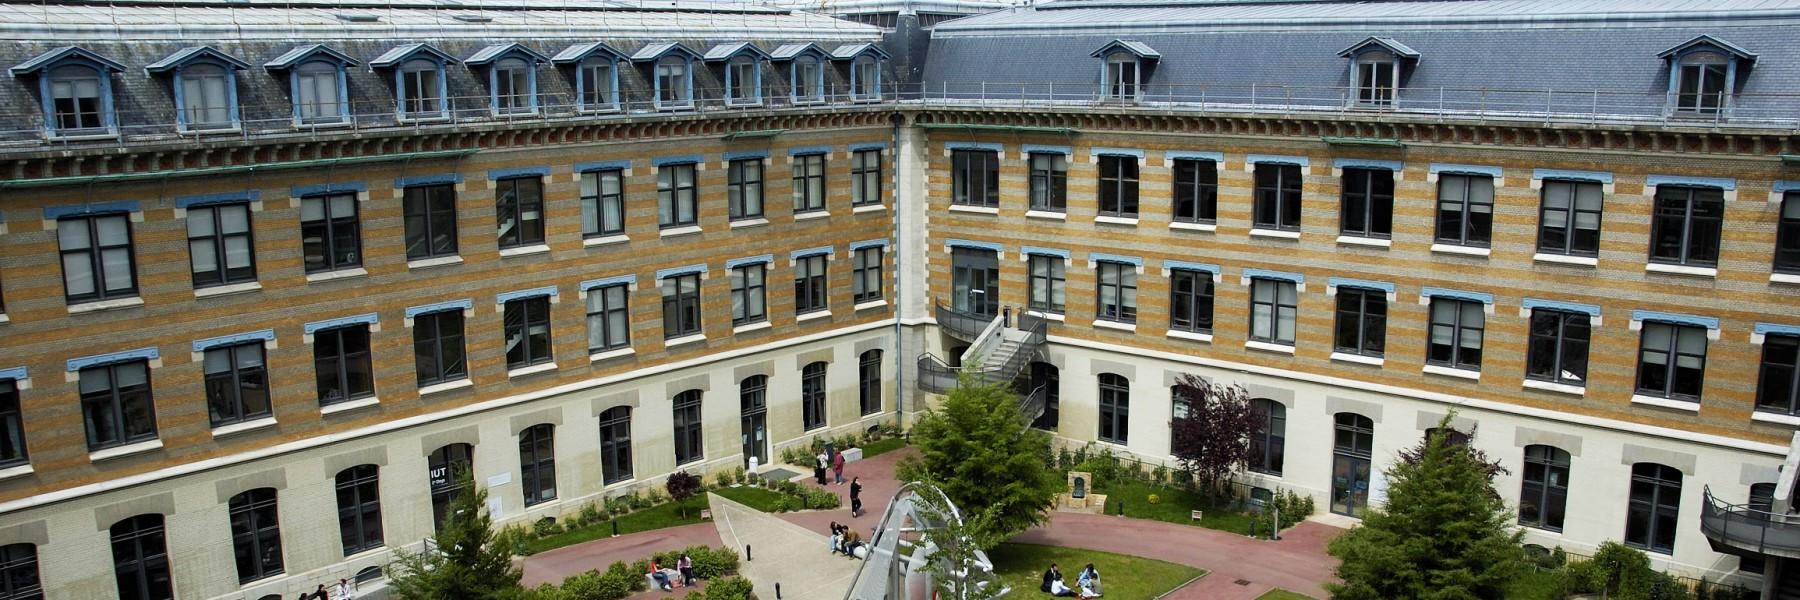 Association du Collège de Droit, Lyon III